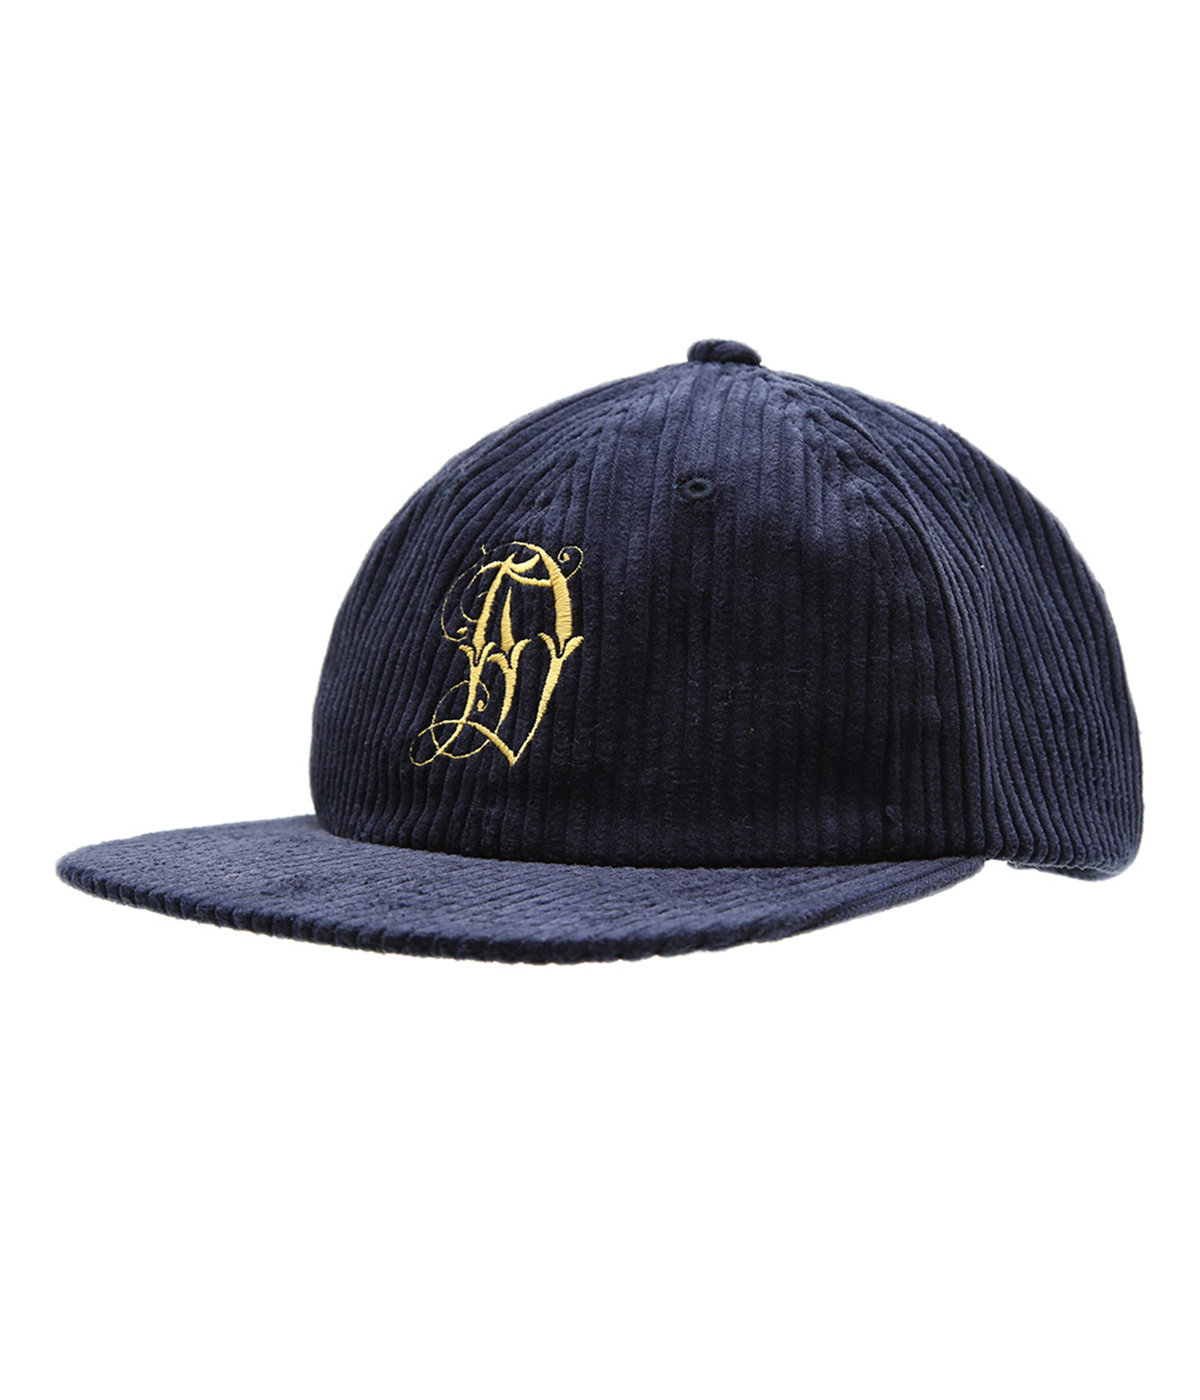 CREST MIAMI CAP